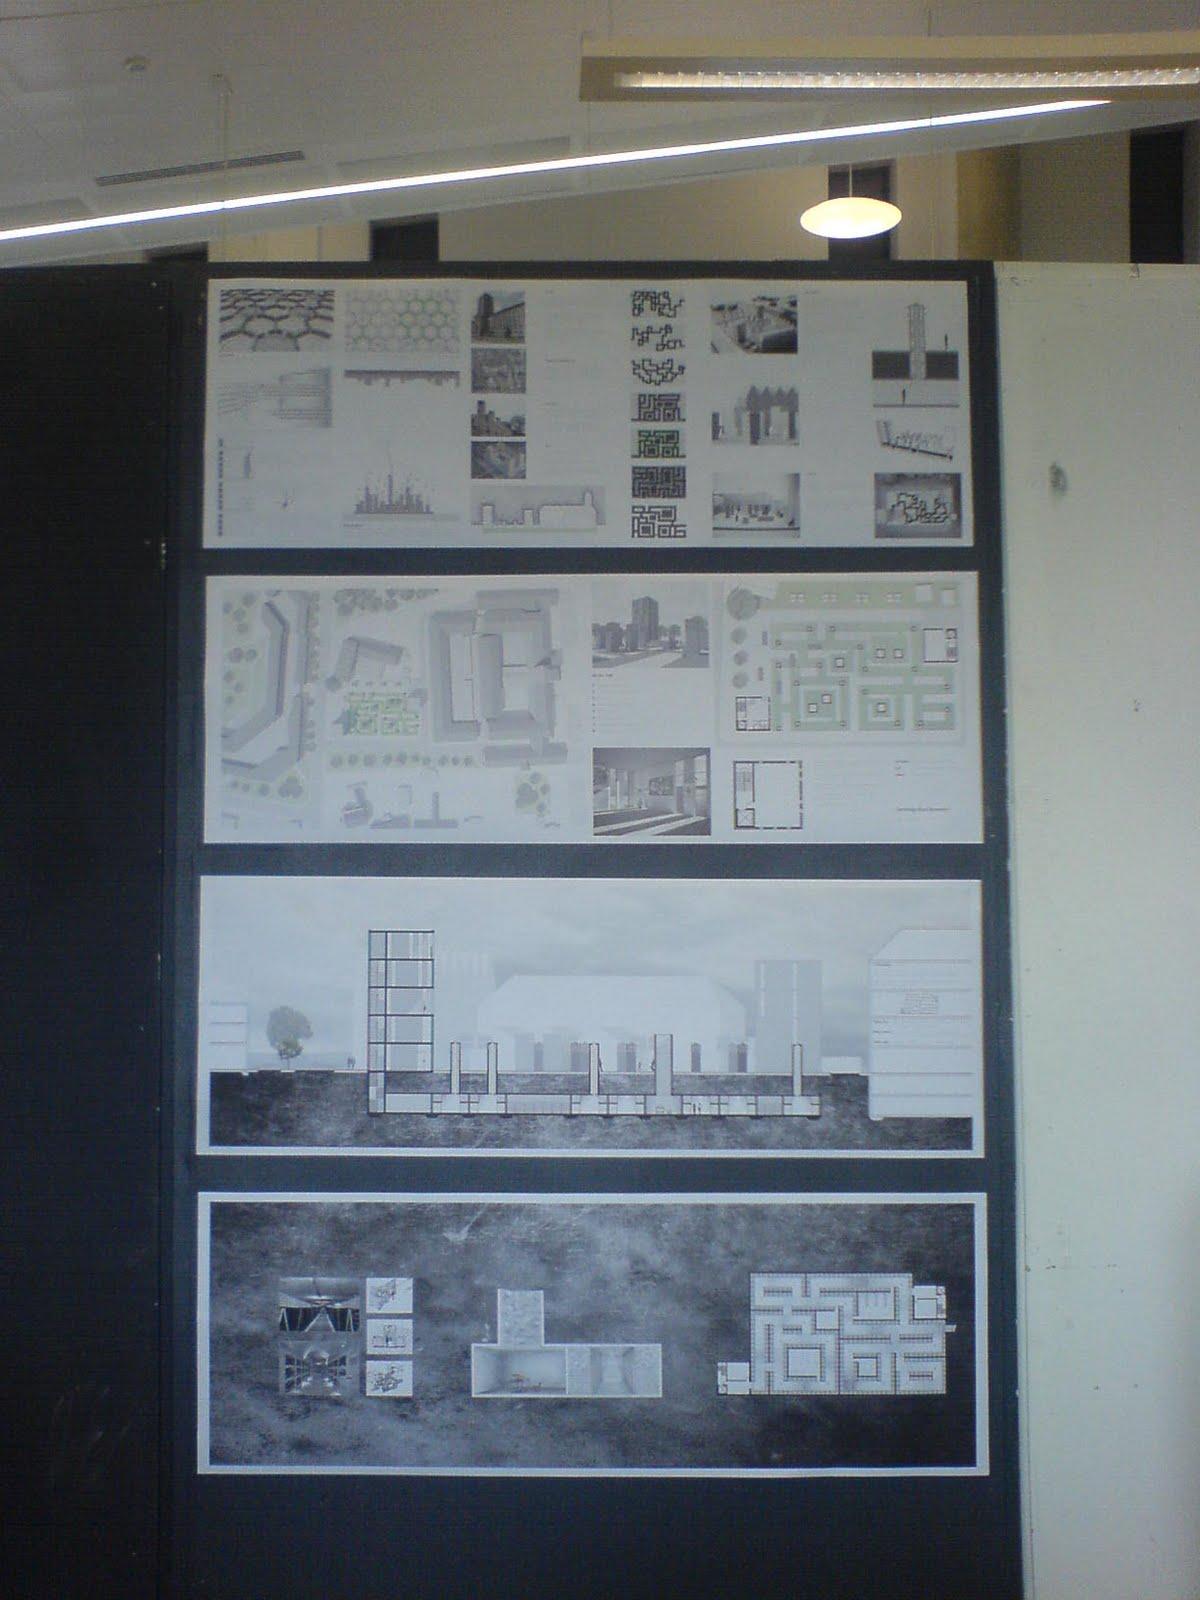 alex warren architecture design studio work presentation layouts